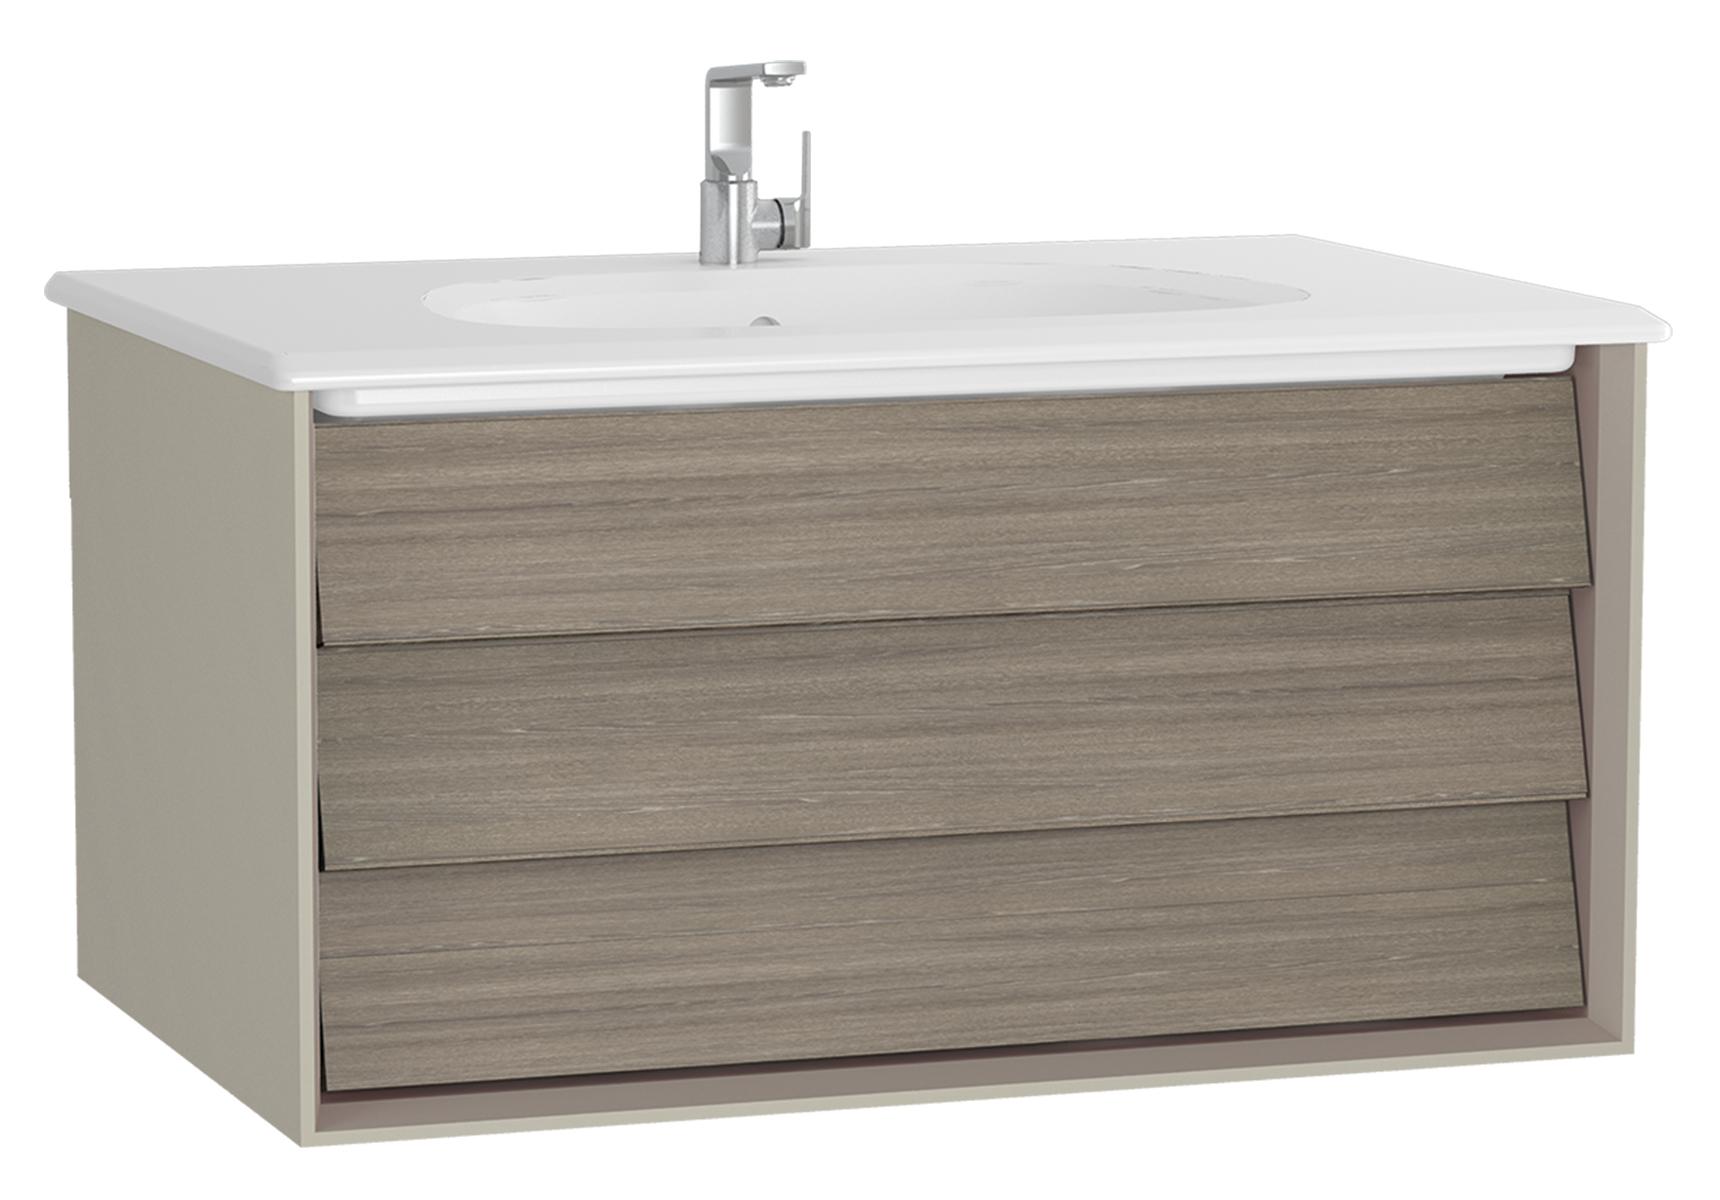 Frame meuble avec plan céramique, 82,5 cm, chêne moka, mat taupe, avec taupe plan céramique